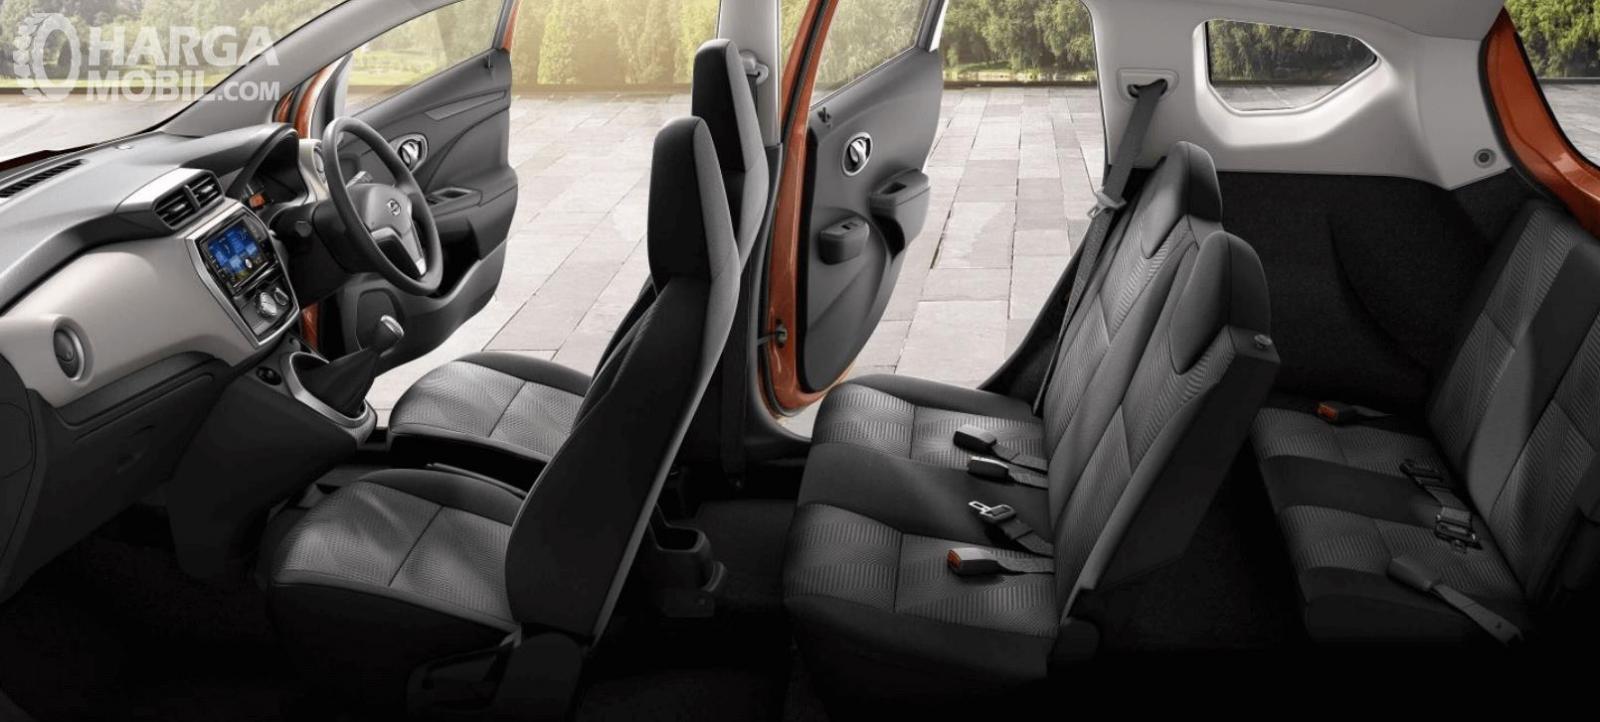 Gambar ini menunjukkan jok mobil All New Datsun GO+ Panca M/T 2019